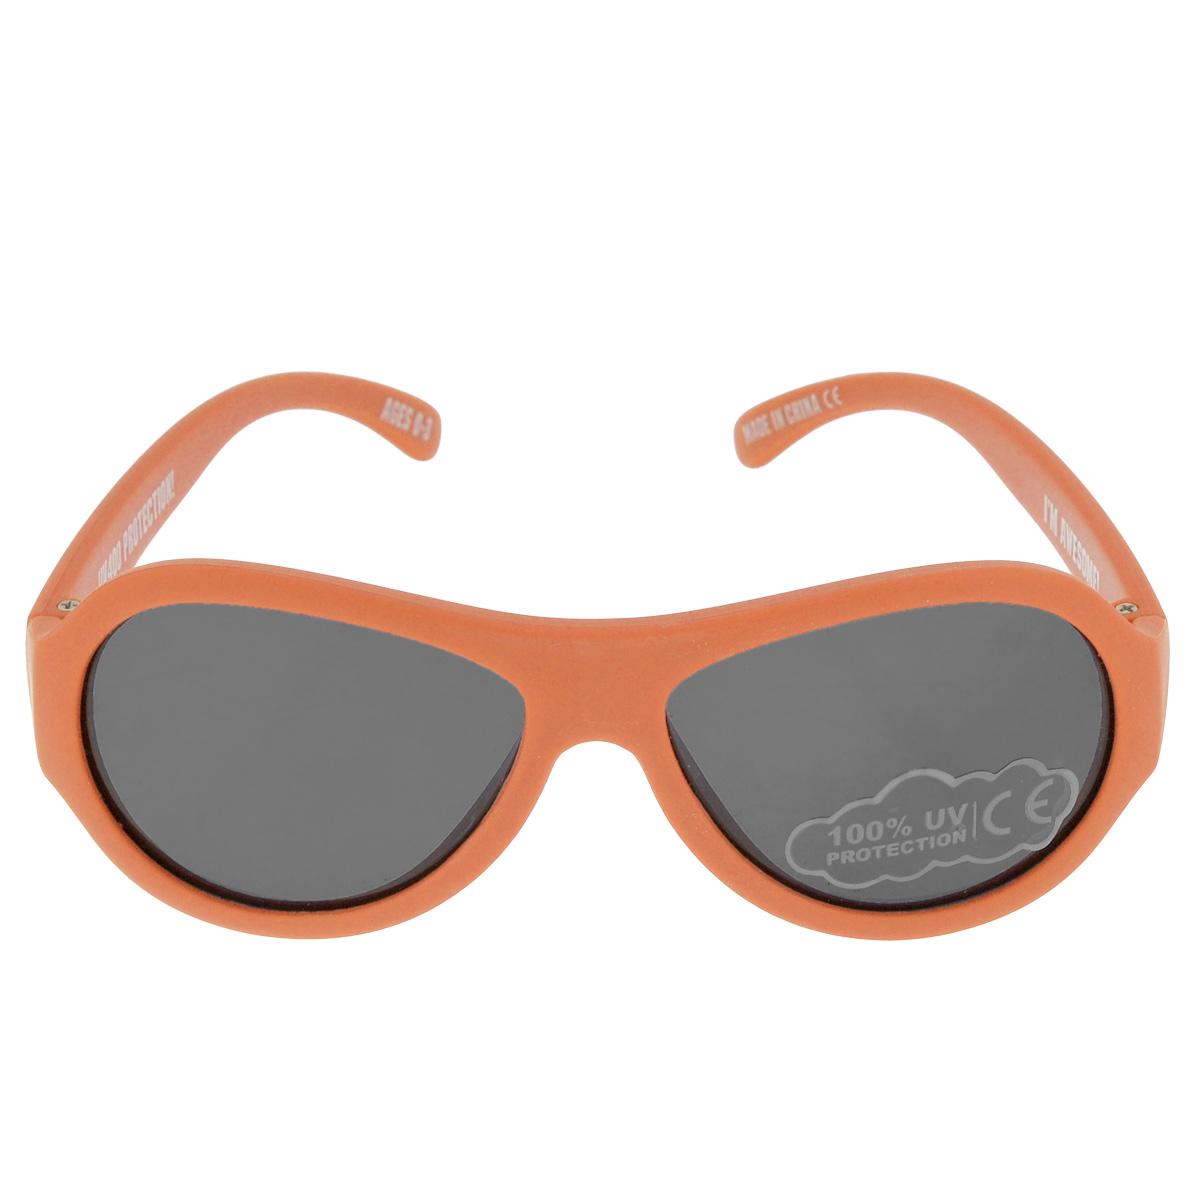 Детские солнцезащитные очки Babiators Ух ты! (OMG!), цвет: оранжевый, 0-3 летBM8434-58AEВы делаете все возможное, чтобы ваши дети были здоровы и в безопасности. Шлемы для езды на велосипеде, солнцезащитный крем для прогулок на солнце... Но как насчёт влияния солнца на глаза вашего ребёнка? Правда в том, что сетчатка глаза у детей развивается вместе с самим ребёнком. Это означает, что глаза малышей не могут отфильтровать УФ-излучение. Проблема понятна - детям нужна настоящая защита, чтобы глазки были в безопасности, а зрение сильным.Каждая пара солнцезащитных очков Babiators для детей обеспечивает 100% защиту от UVA и UVB. Прочные линзы высшего качества не подведут в самых сложных переделках. В отличие от обычных пластиковых очков, оправа Babiators выполнена из гибкого прорезиненного материала, что делает их ударопрочными, их можно сгибать и крутить - они не сломаются и вернутся в прежнюю форму. Не бойтесь, что ребёнок сядет на них - они всё выдержат. Будьте уверены, что очки Babiators созданы безопасными, прочными и классными, так что вы и ваш ребенок можете приступать к своим приключениям!